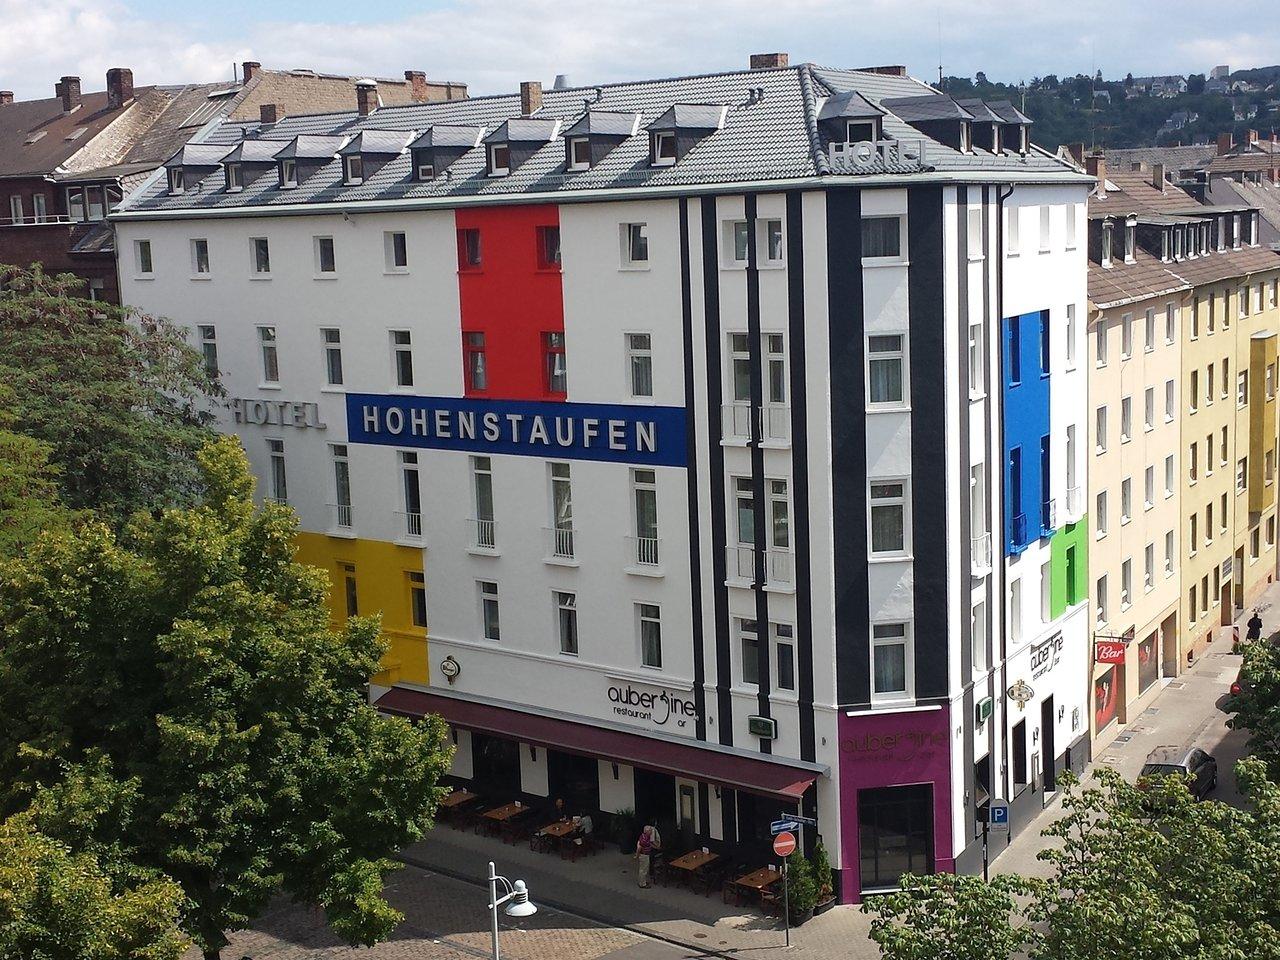 HOTEL HOHENSTAUFEN: Bewertungen, Fotos & Preisvergleich (Koblenz ...